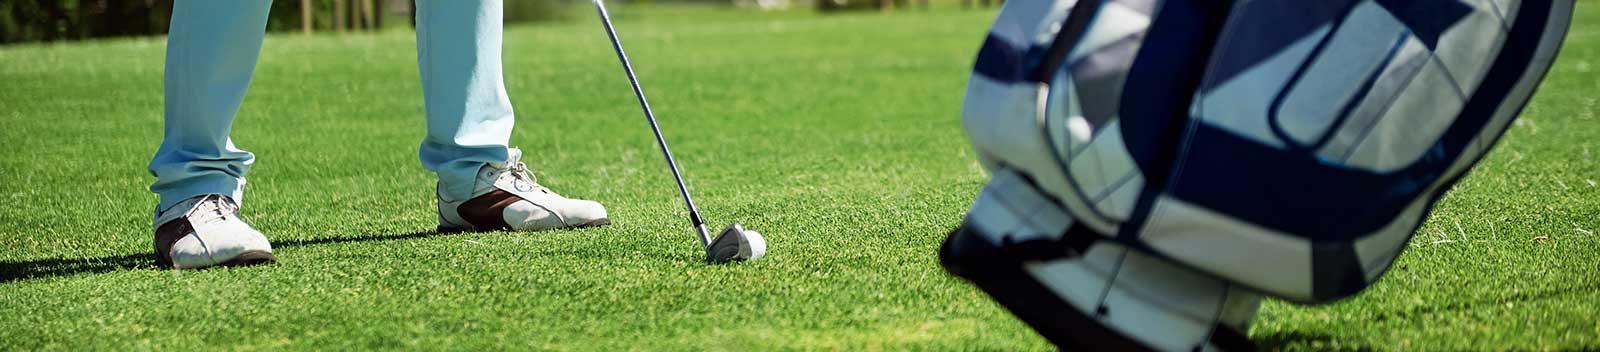 golf-course-177